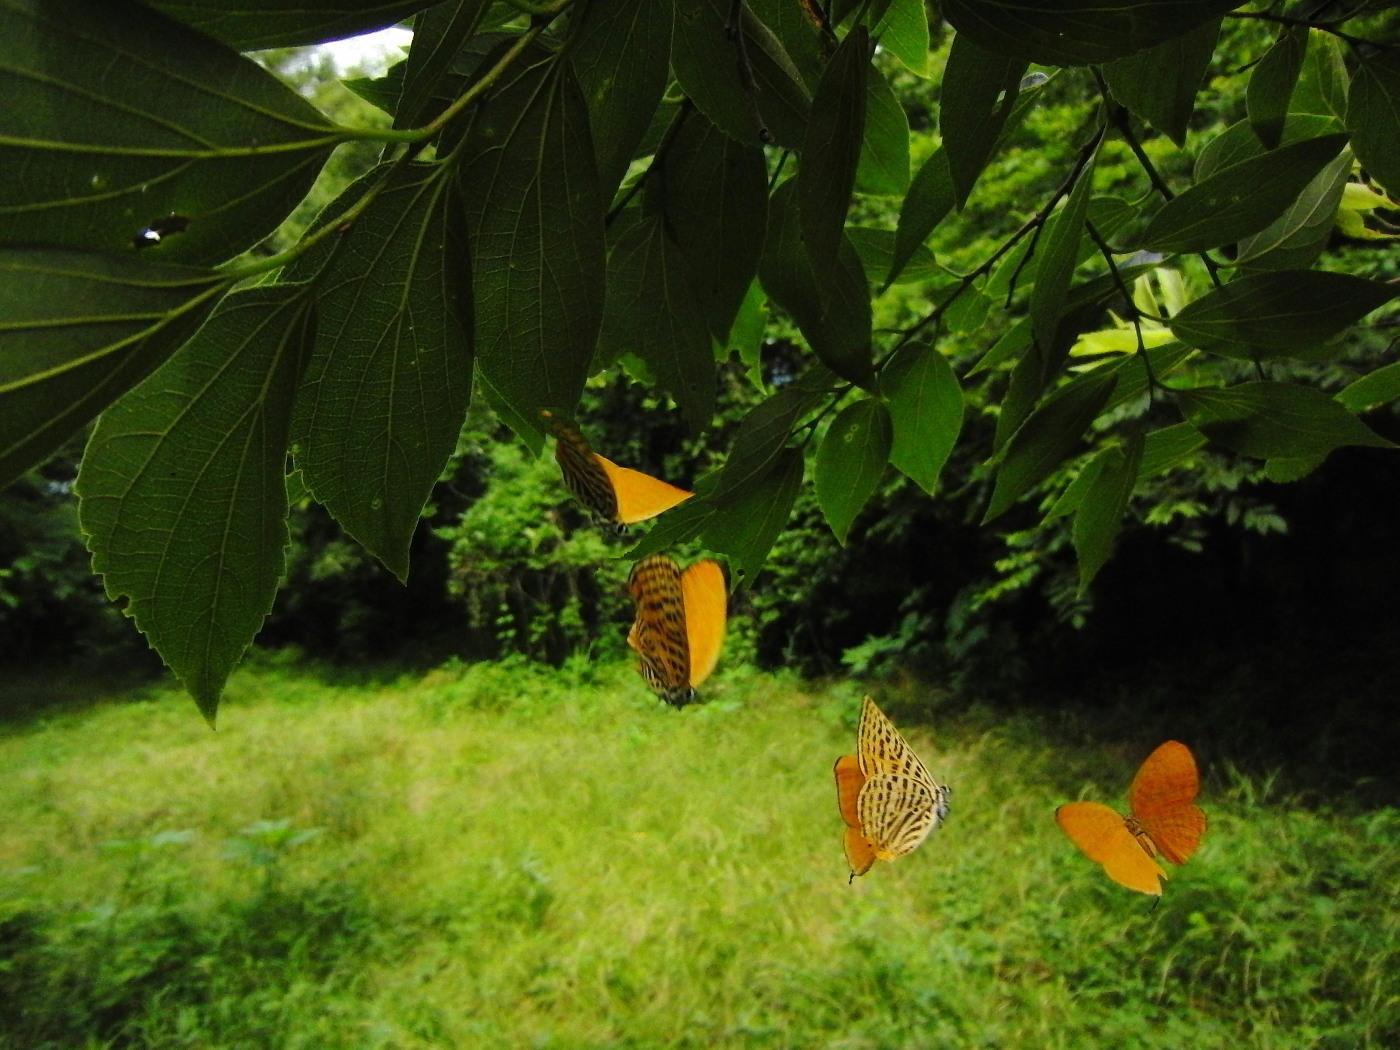 ウラナミアカシジミ   開翅しないことでは最右翼。  2012.6.16栃木県_a0146869_733970.jpg